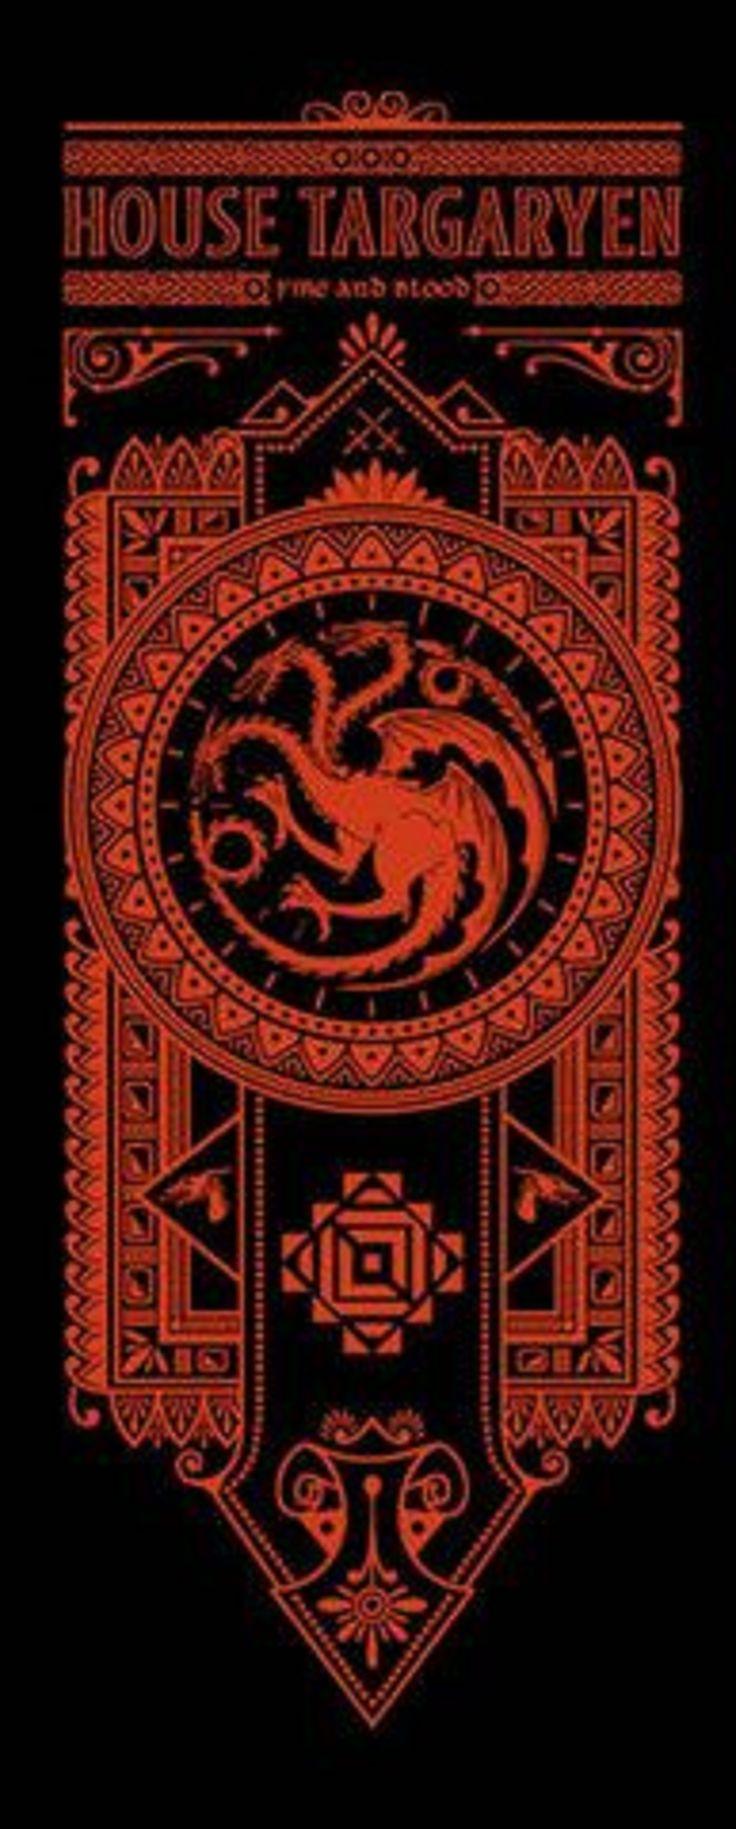 Таргариен — королевская династия валирийского происхождения, умеющая повелевать драконами. Правили Вестеросом на протяжении почти трехсот лет. В ходе восстания Роберта Баратеона были свергнуты. Характерными чертами являются красота, сиреневые, индиговые или фиолетовые глаза, серебряные или платиновые волосы. Чтобы сохранить чистоту валирийской крови браки заключались внутри семьи или брали жен валирийского происхождения.